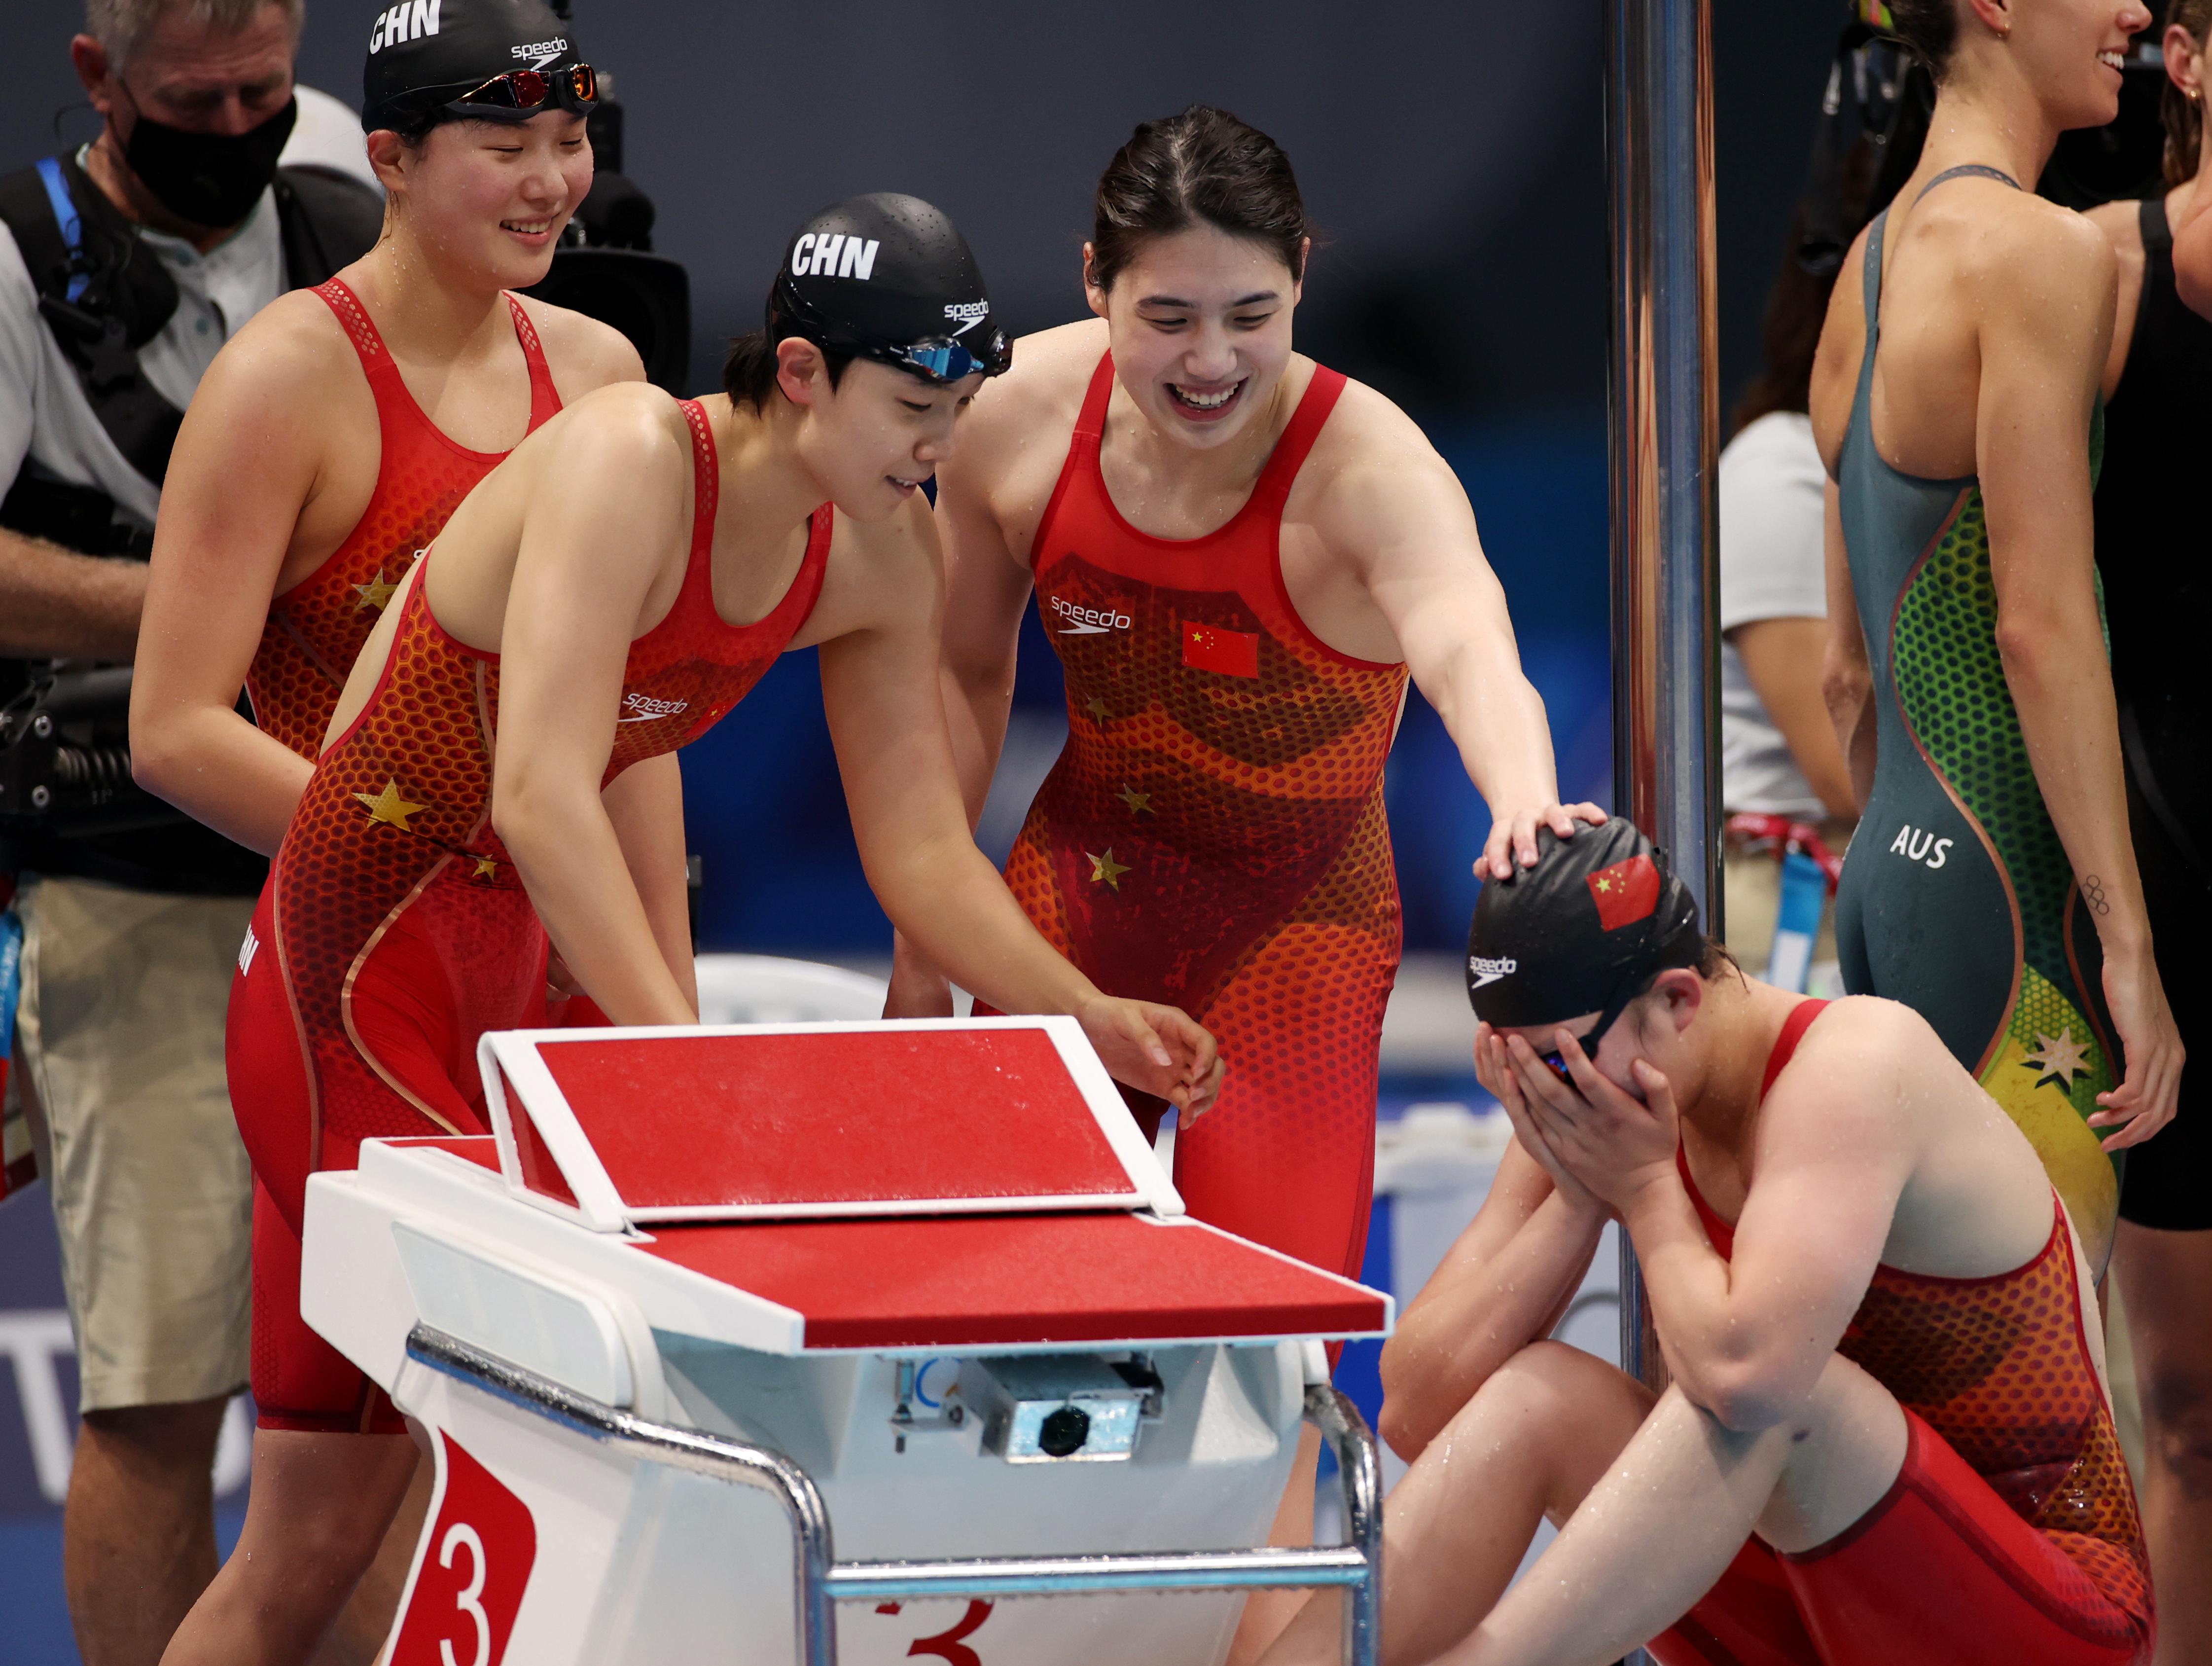 Tokyo 2020 Olympics - Swimming - Women's 4 x 200m Freestyle Relay - Final - Tokyo Aquatics Centre - Tokyo, Japan - July 29, 2021. Yang Junxuan of China, Tang Muhan of China, Zhang Yufei of China and Li Bingjie of China react after winning and setting a world record REUTERS/Molly Darlington